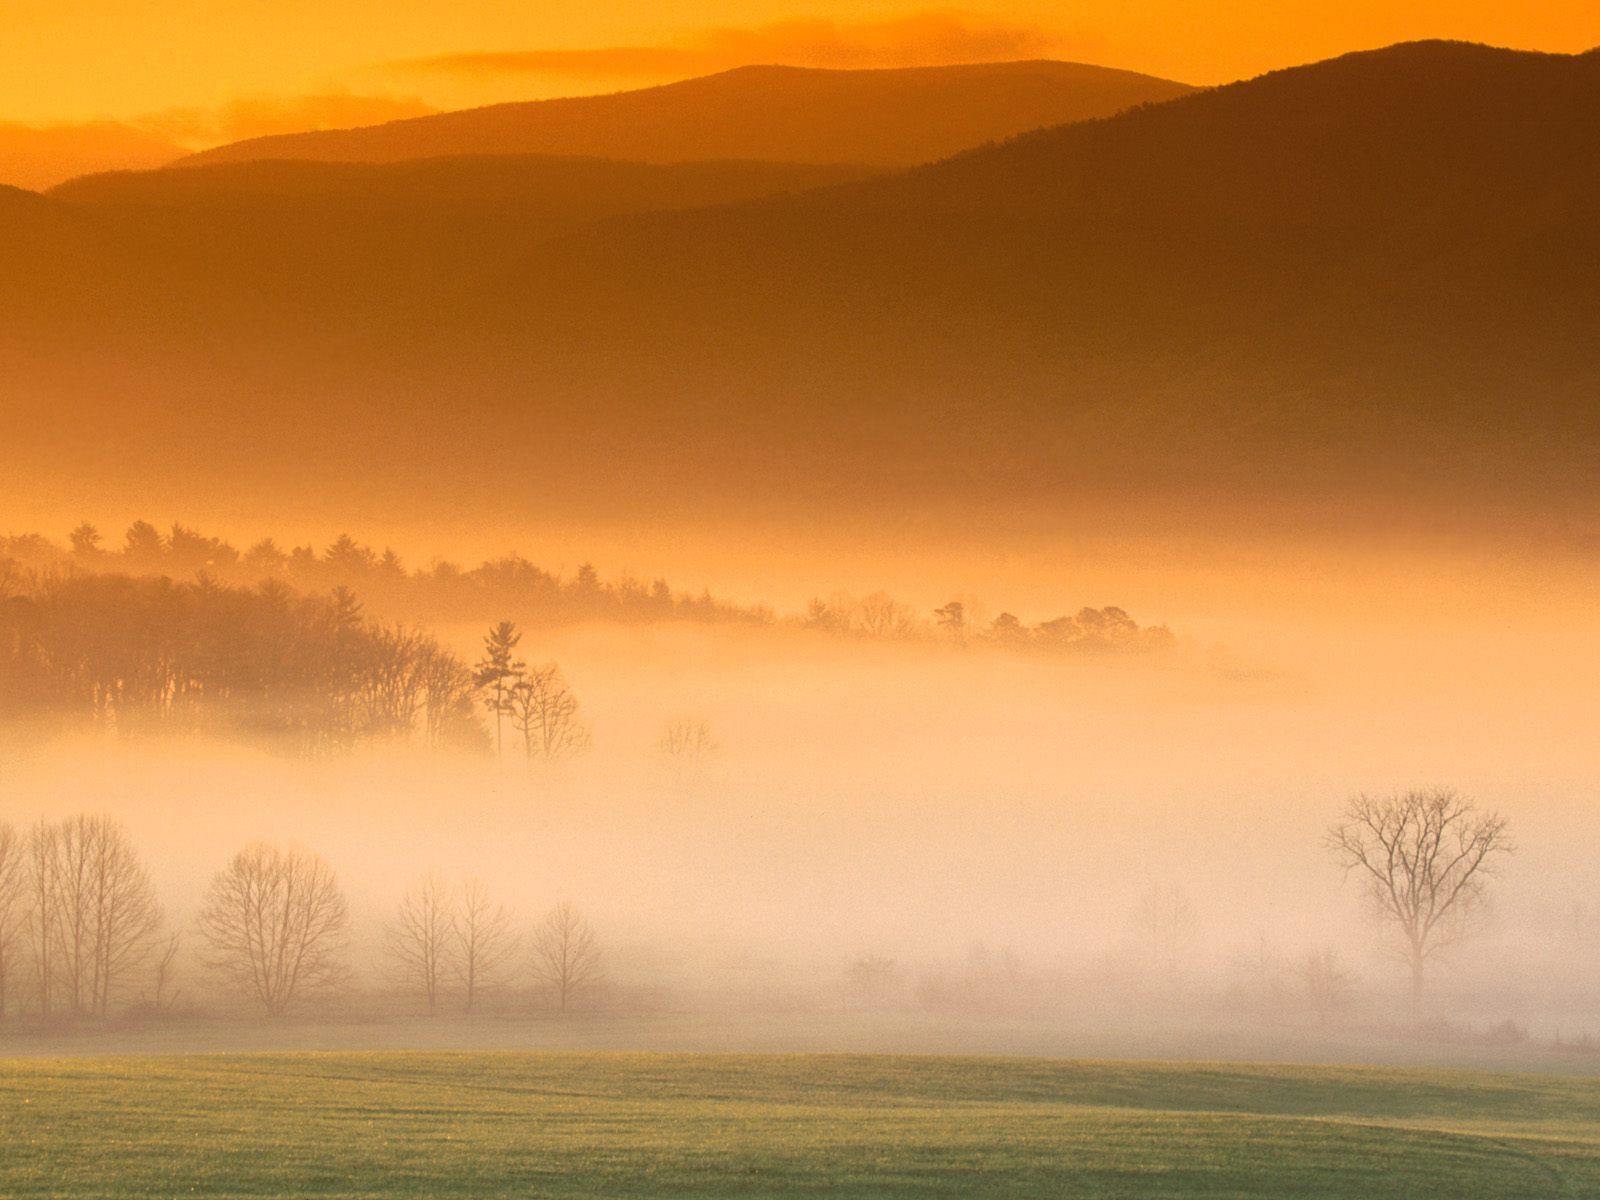 http://2.bp.blogspot.com/_F0d8rSyT-H0/TADWXagyAiI/AAAAAAAACNk/Y5MegNxsSn4/s1600/nature-wallpapers.jpg